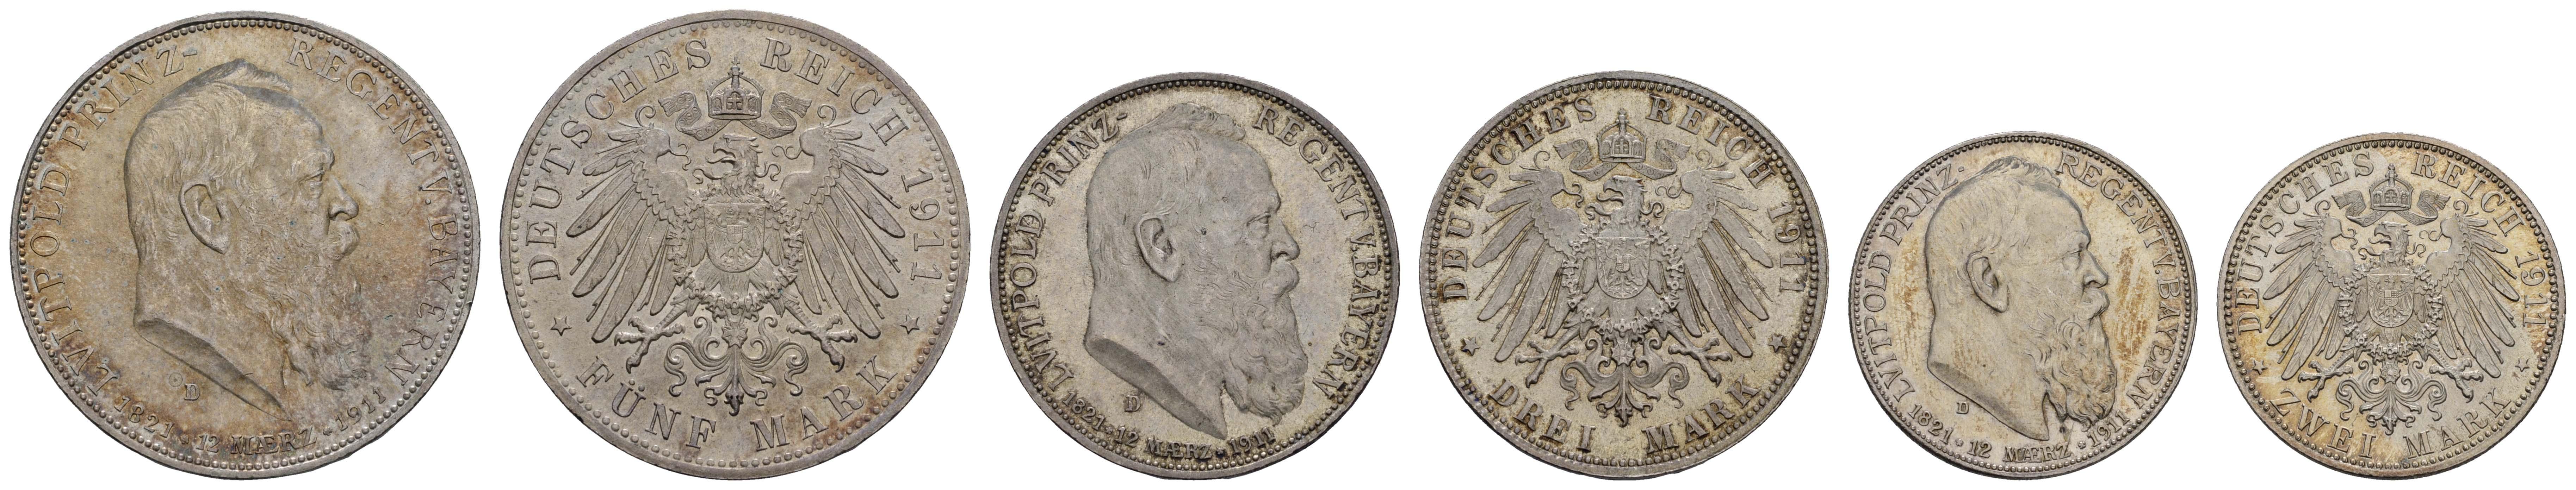 Lot 697 - deutschland Kaiserreich Silbermünzen - Bayern -  Auktionshaus Ulrich Felzmann GmbH & Co. KG Coins single lots